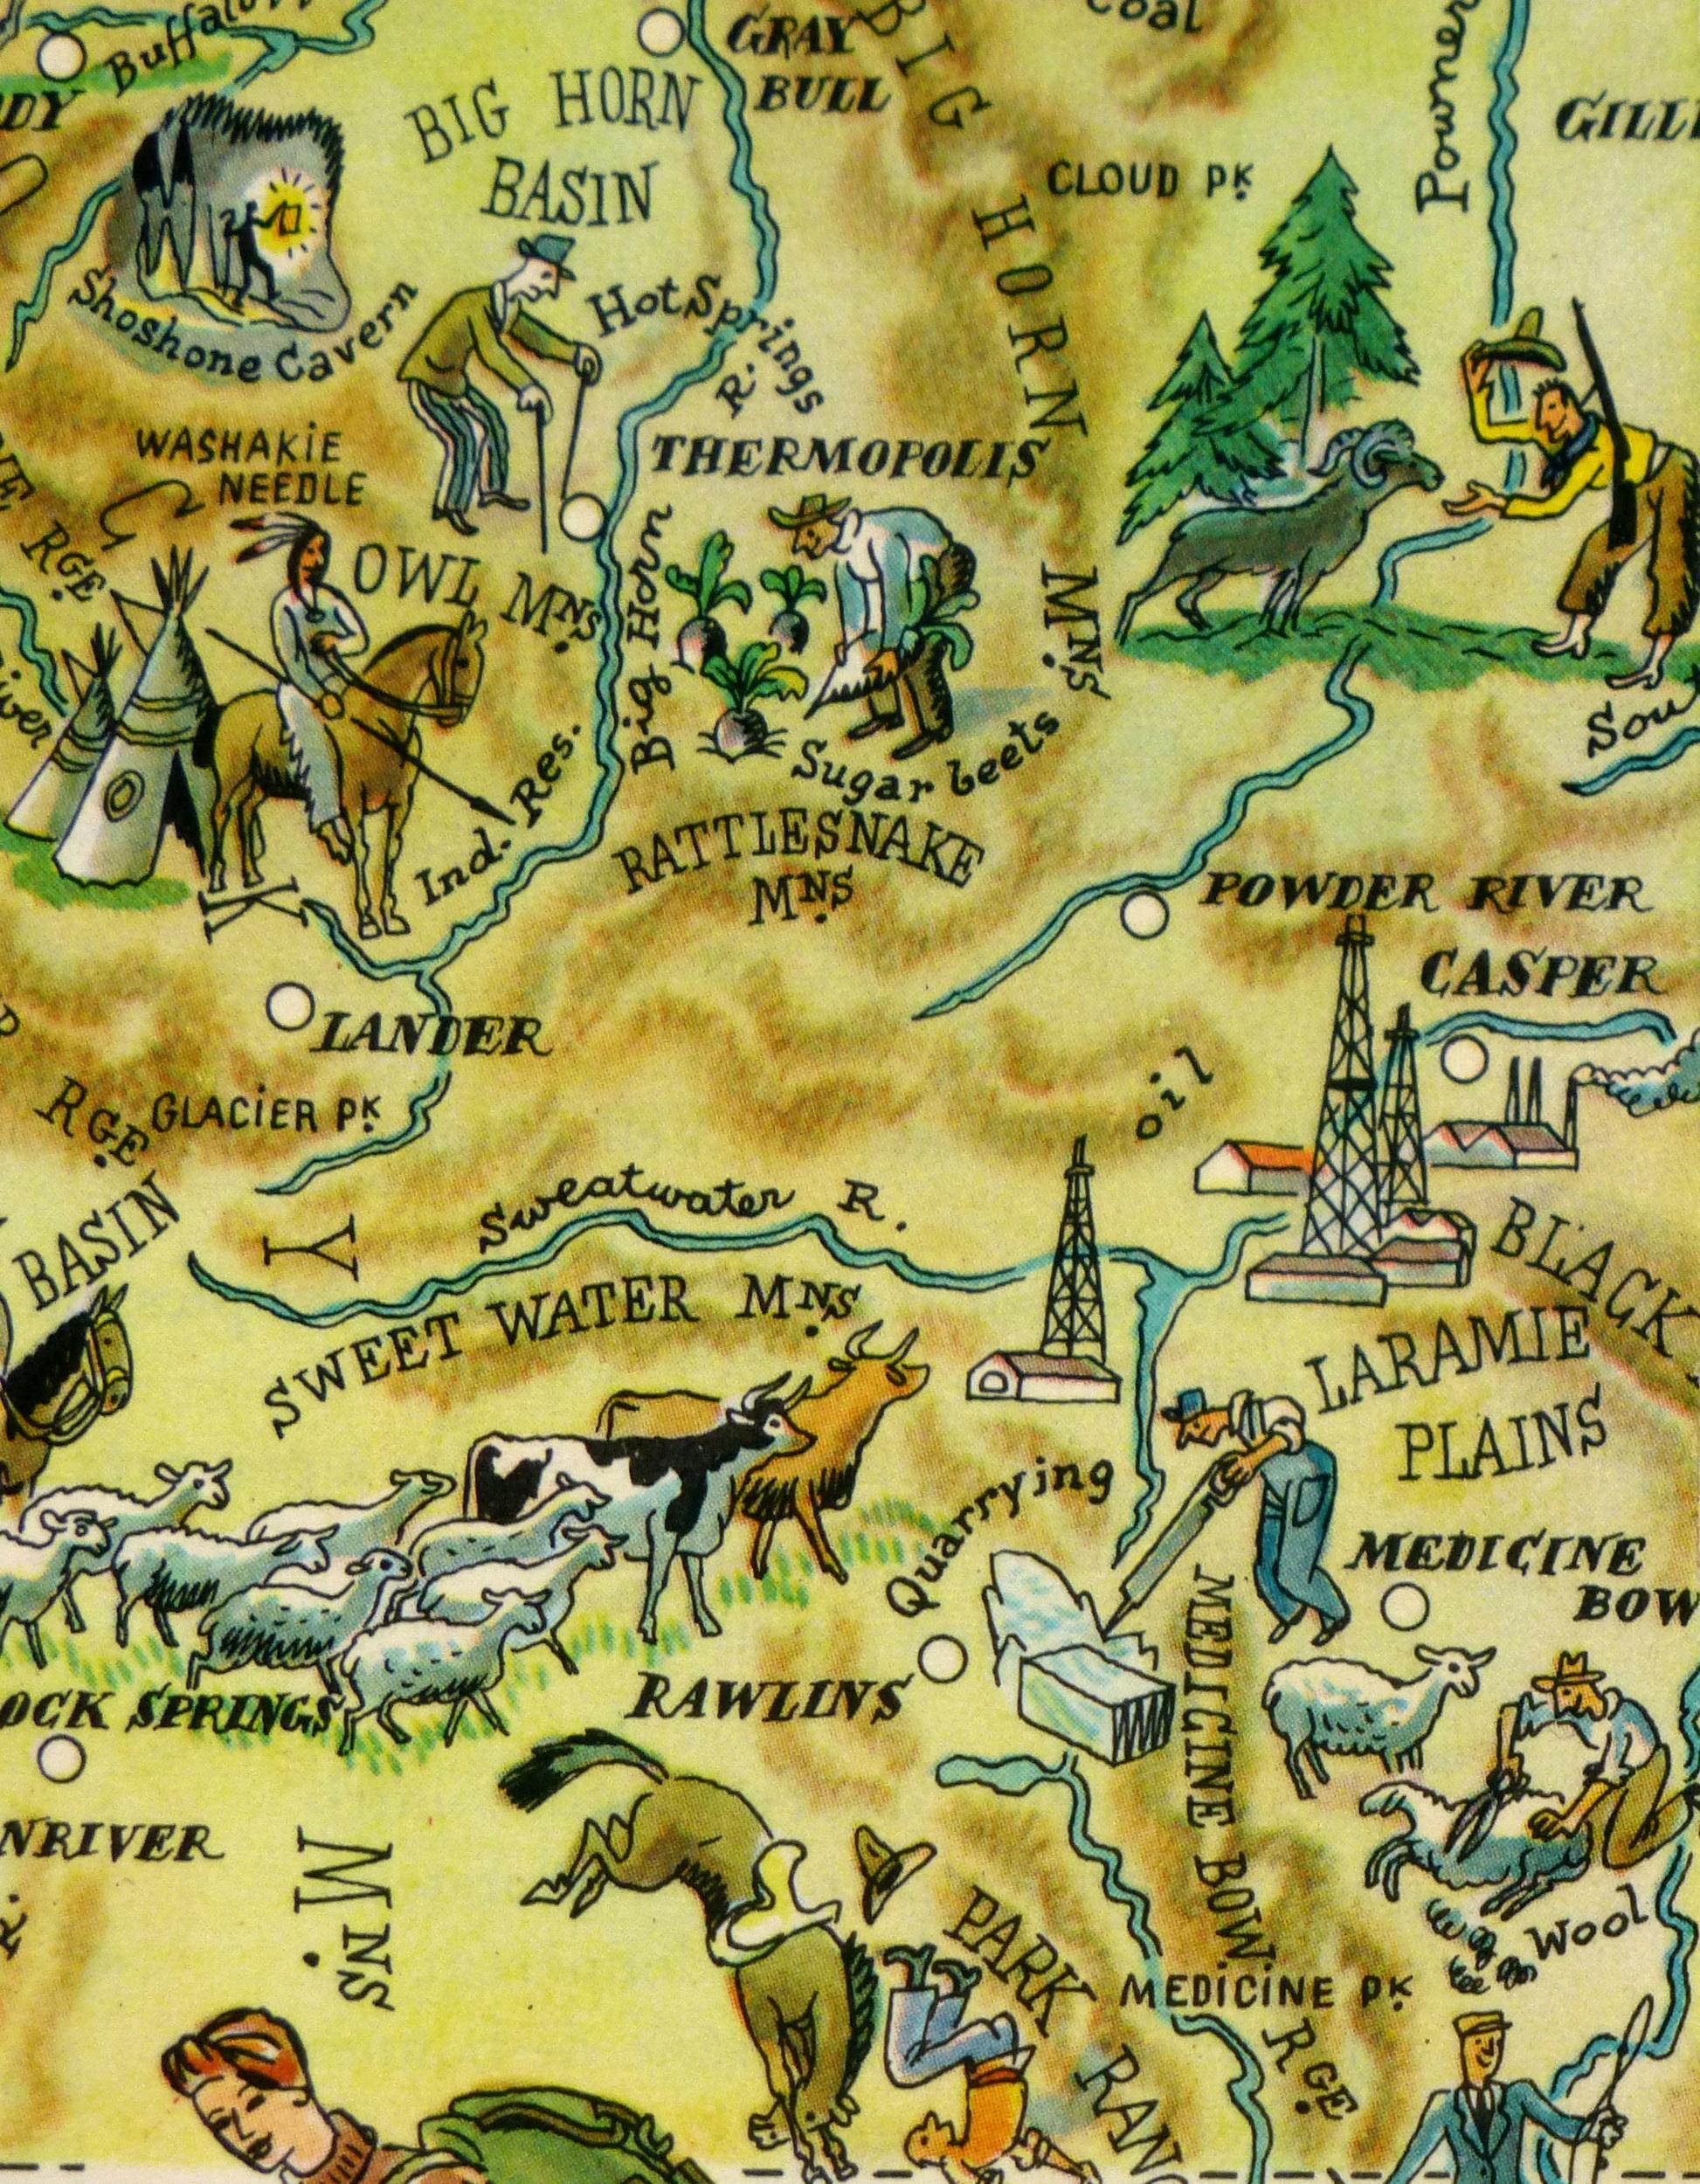 Wyoming Pictorial Map, 1946-detail-6274K